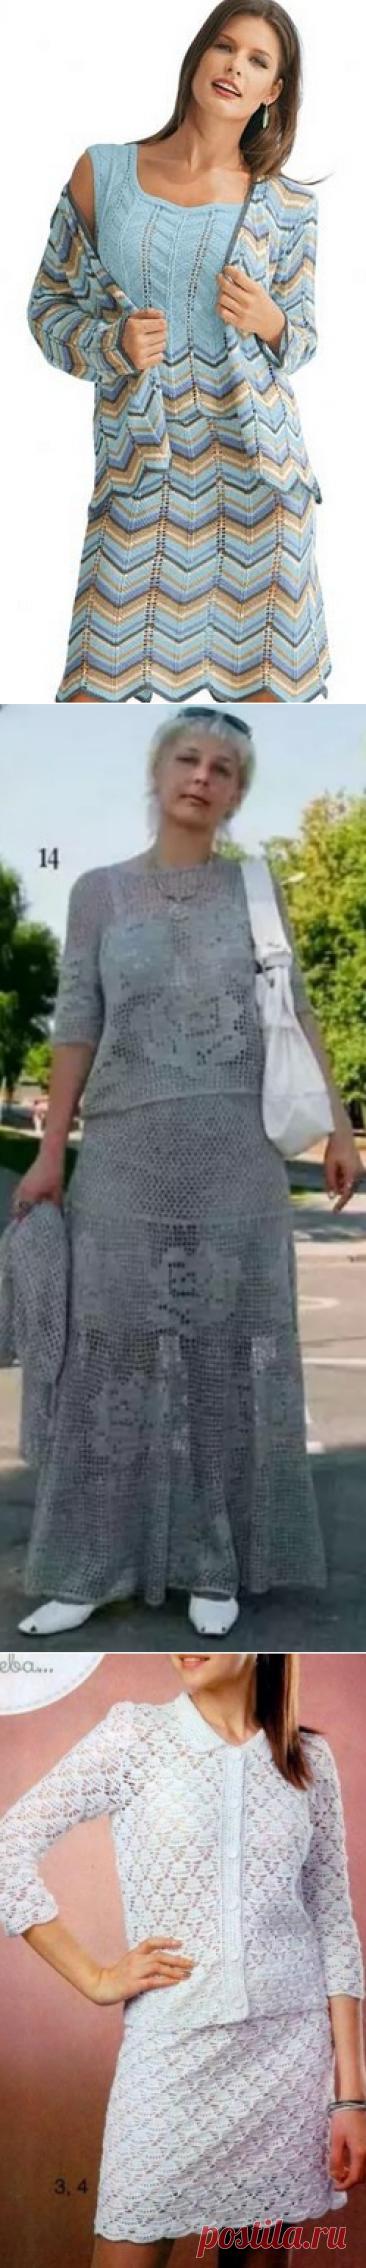 El traje veraniego